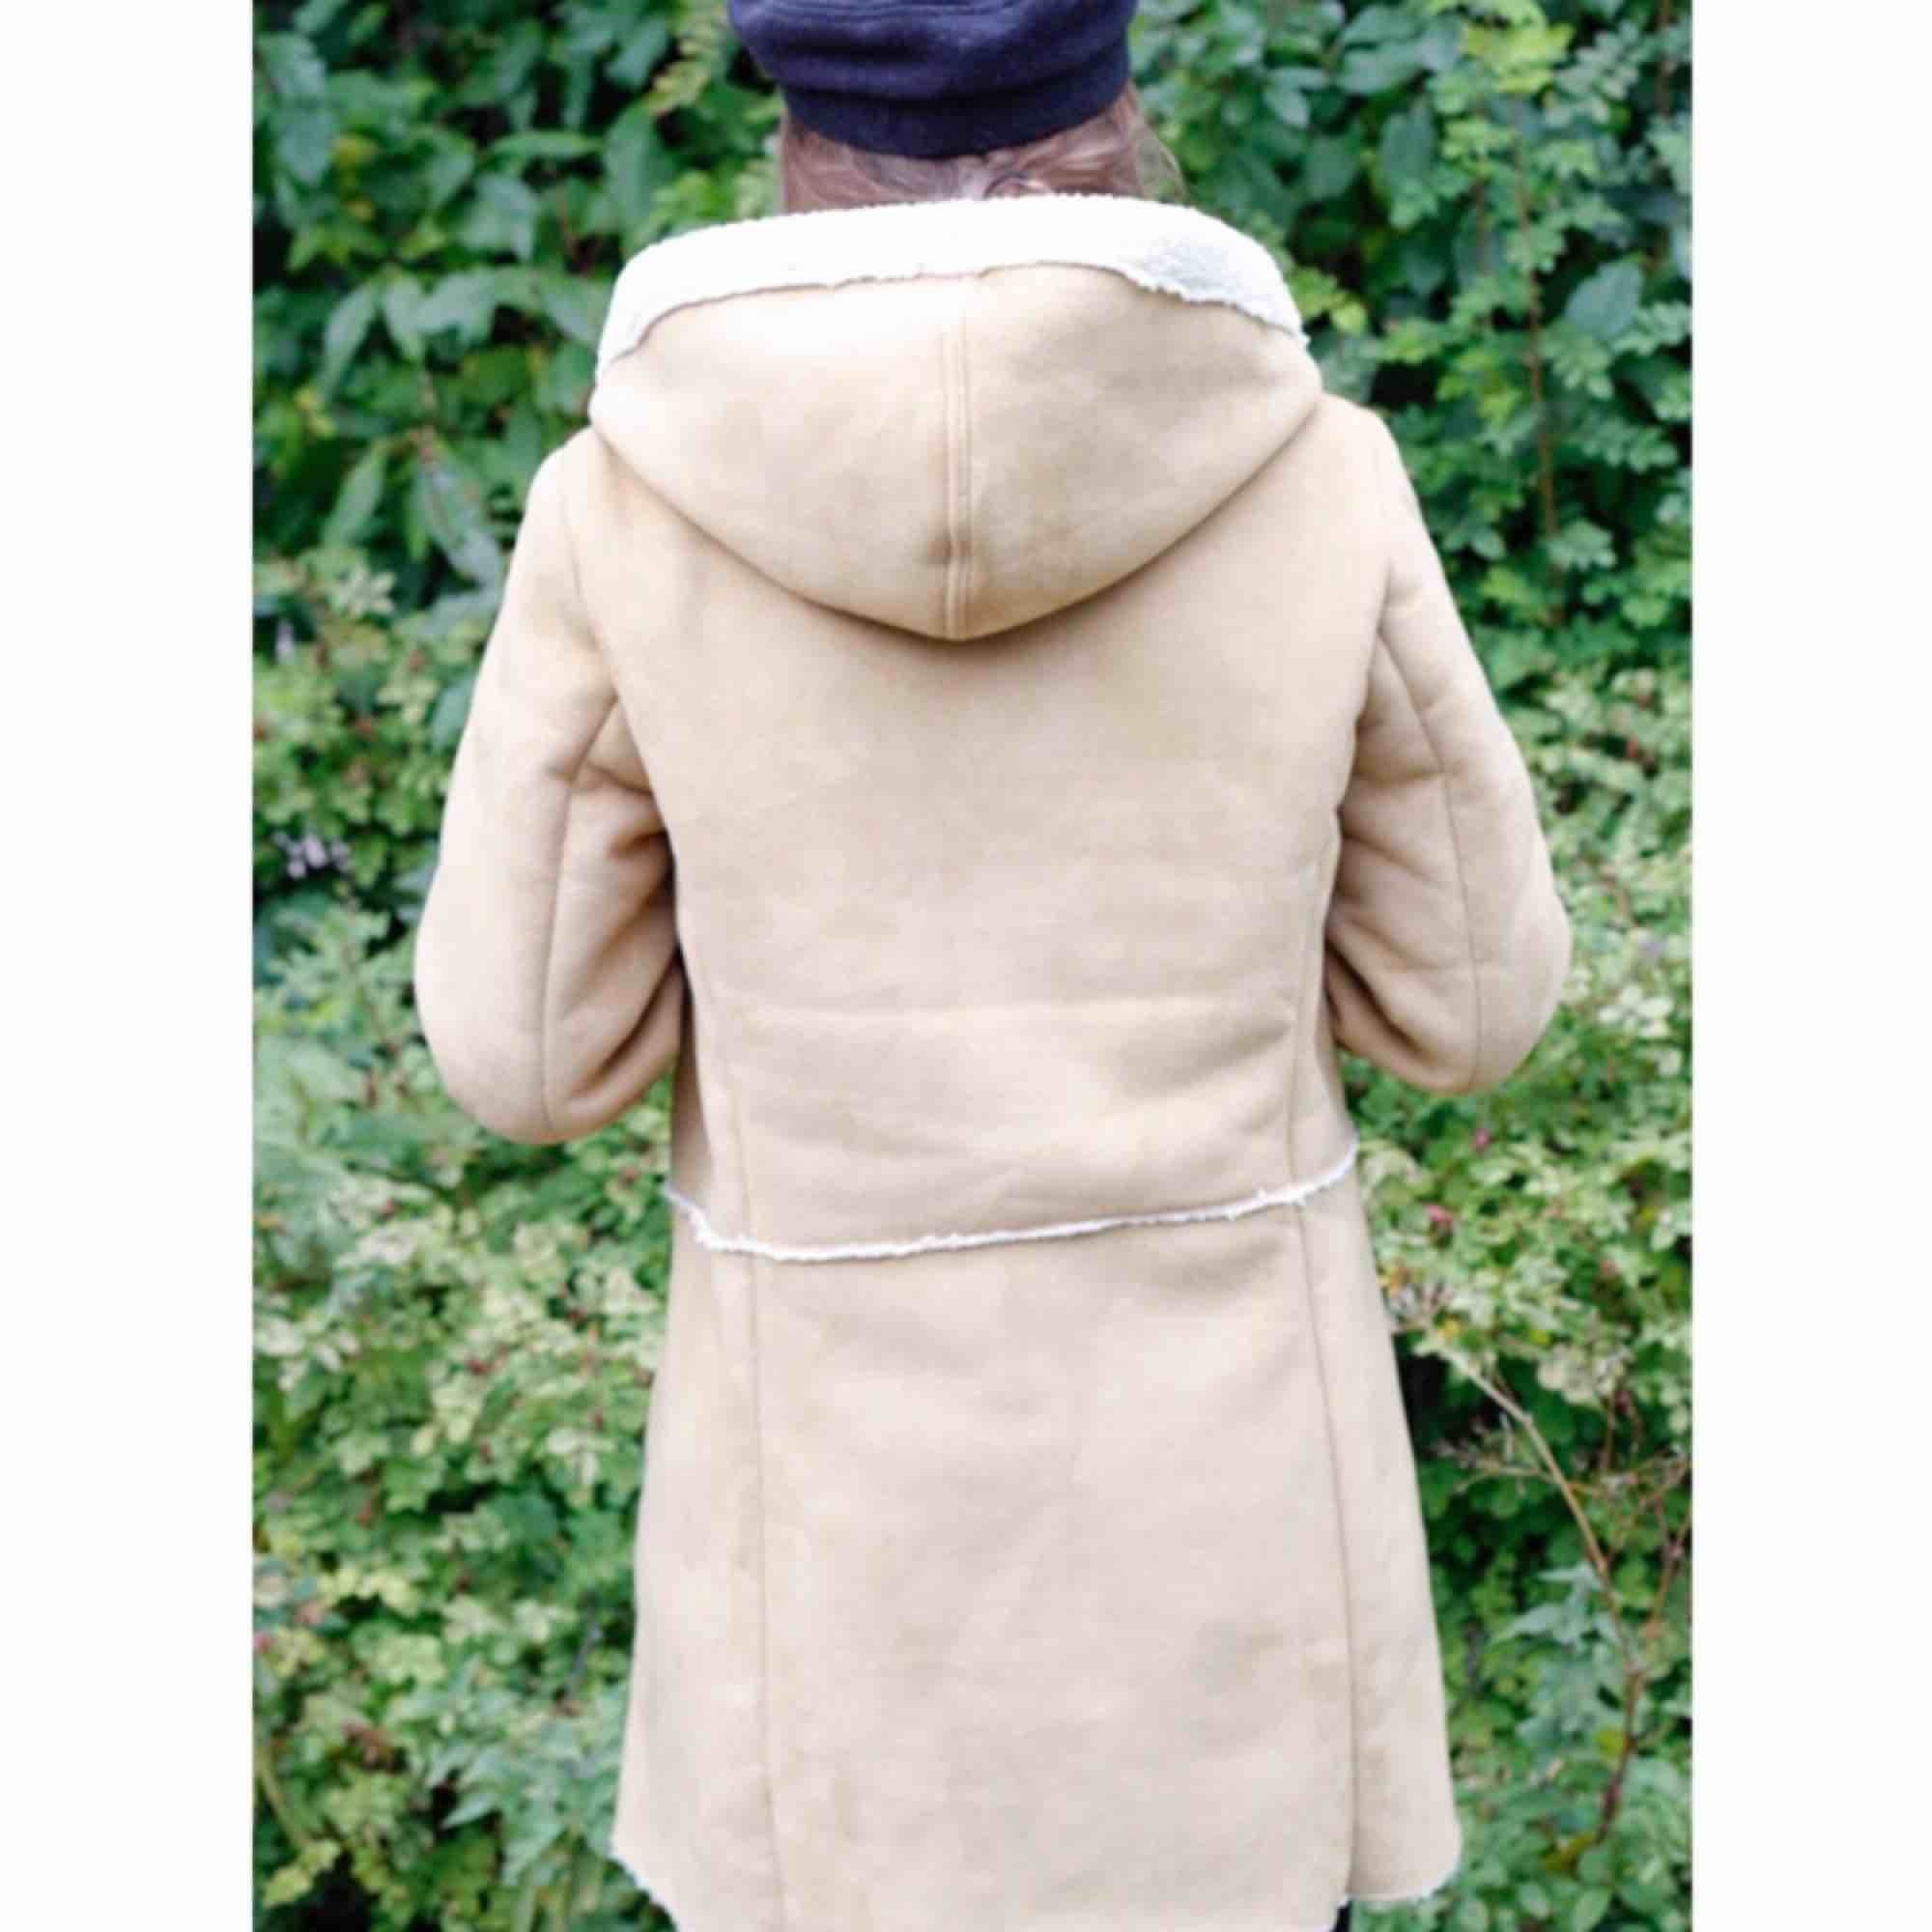 Roxy jacka i strl L enligt lappen men S enligt mig som är 160cm o väger runt 55kg. 100% polyester, fejkmocka. 63kr i frakt. Jackor.